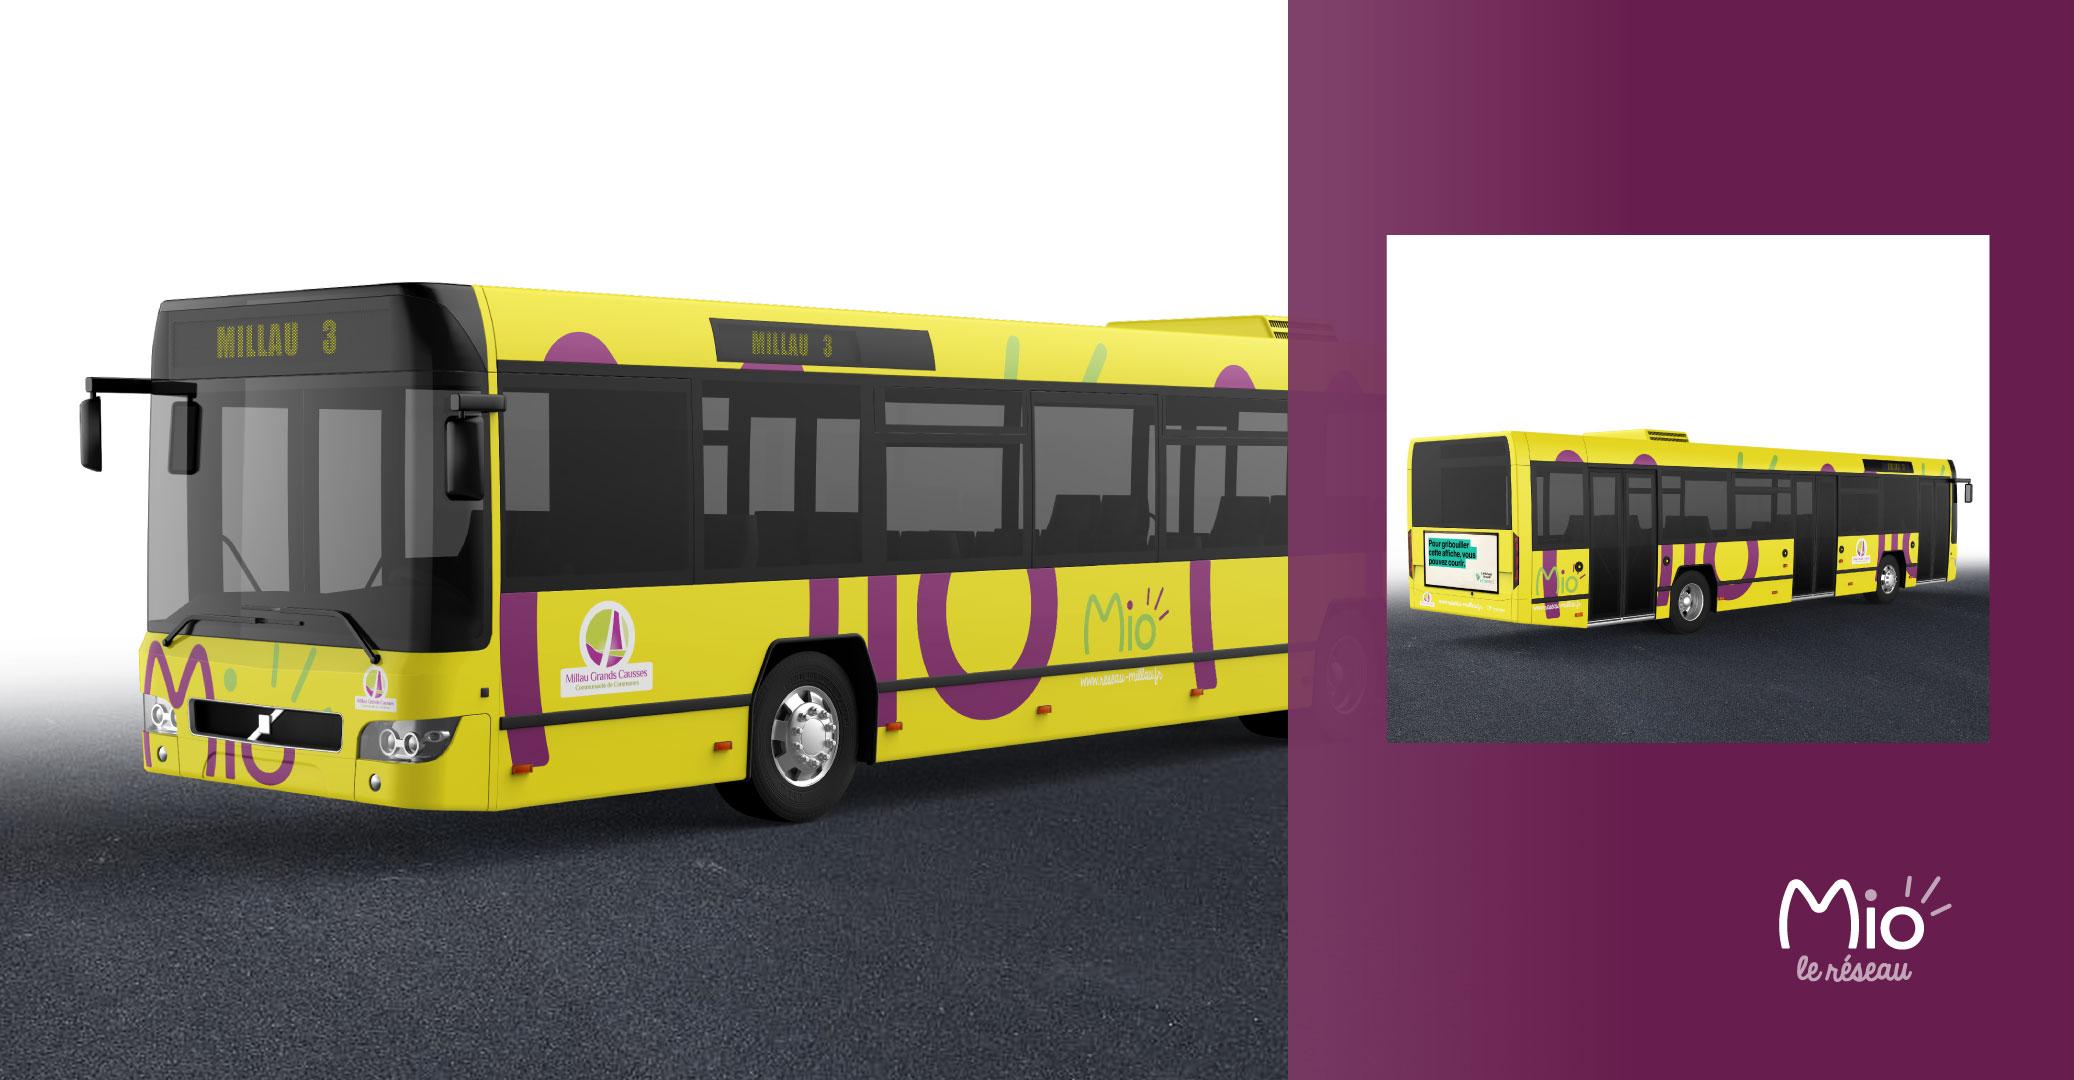 transdev-mio-bus